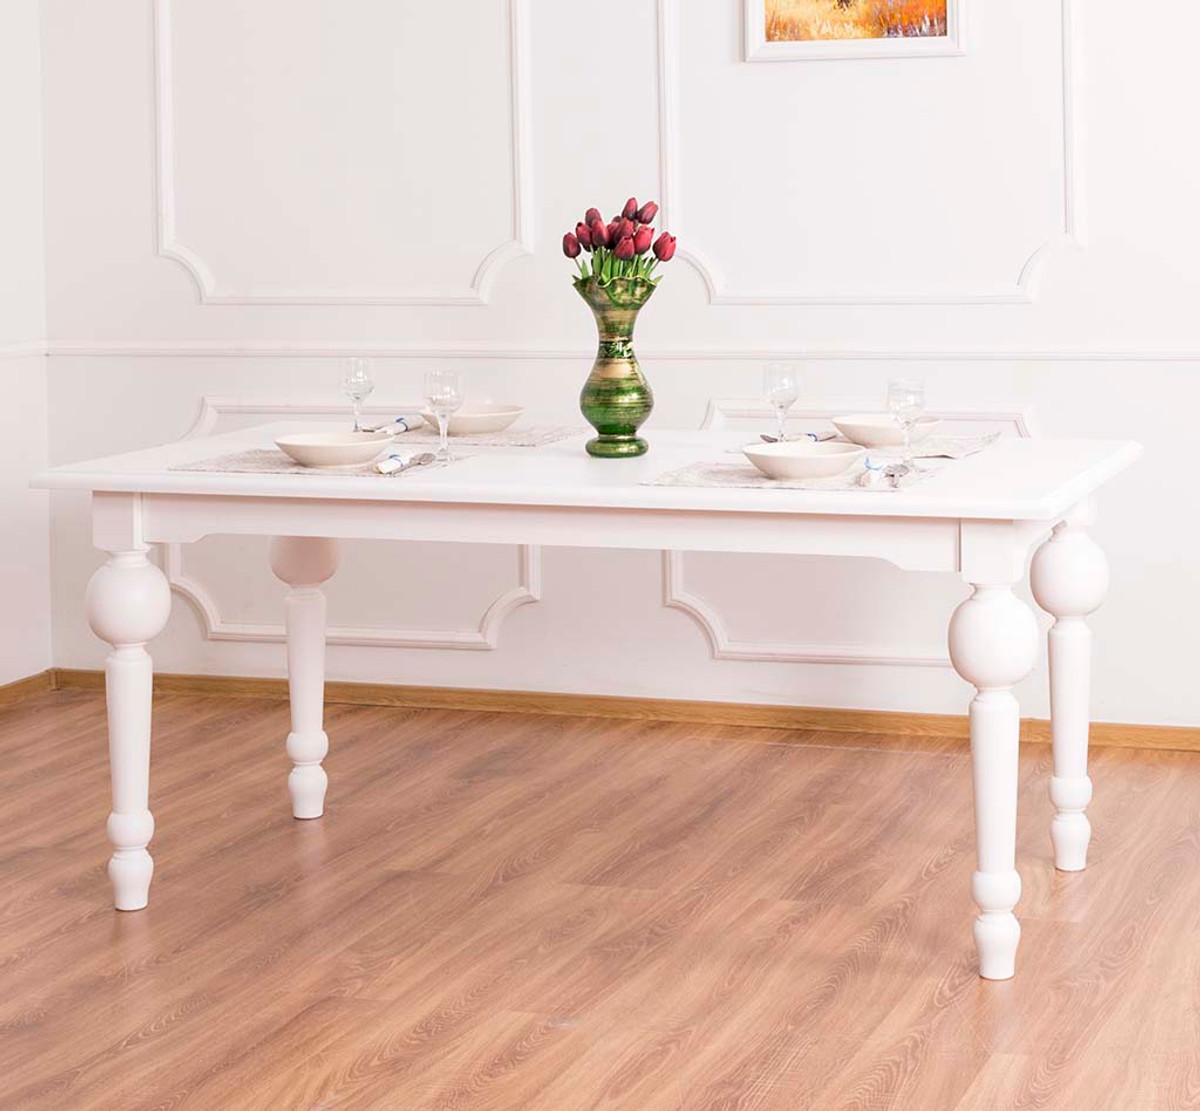 Einzigartig Esszimmermöbel Weiß Beste Wahl Casa Padrino Stil Esstisch Weiß 180 X